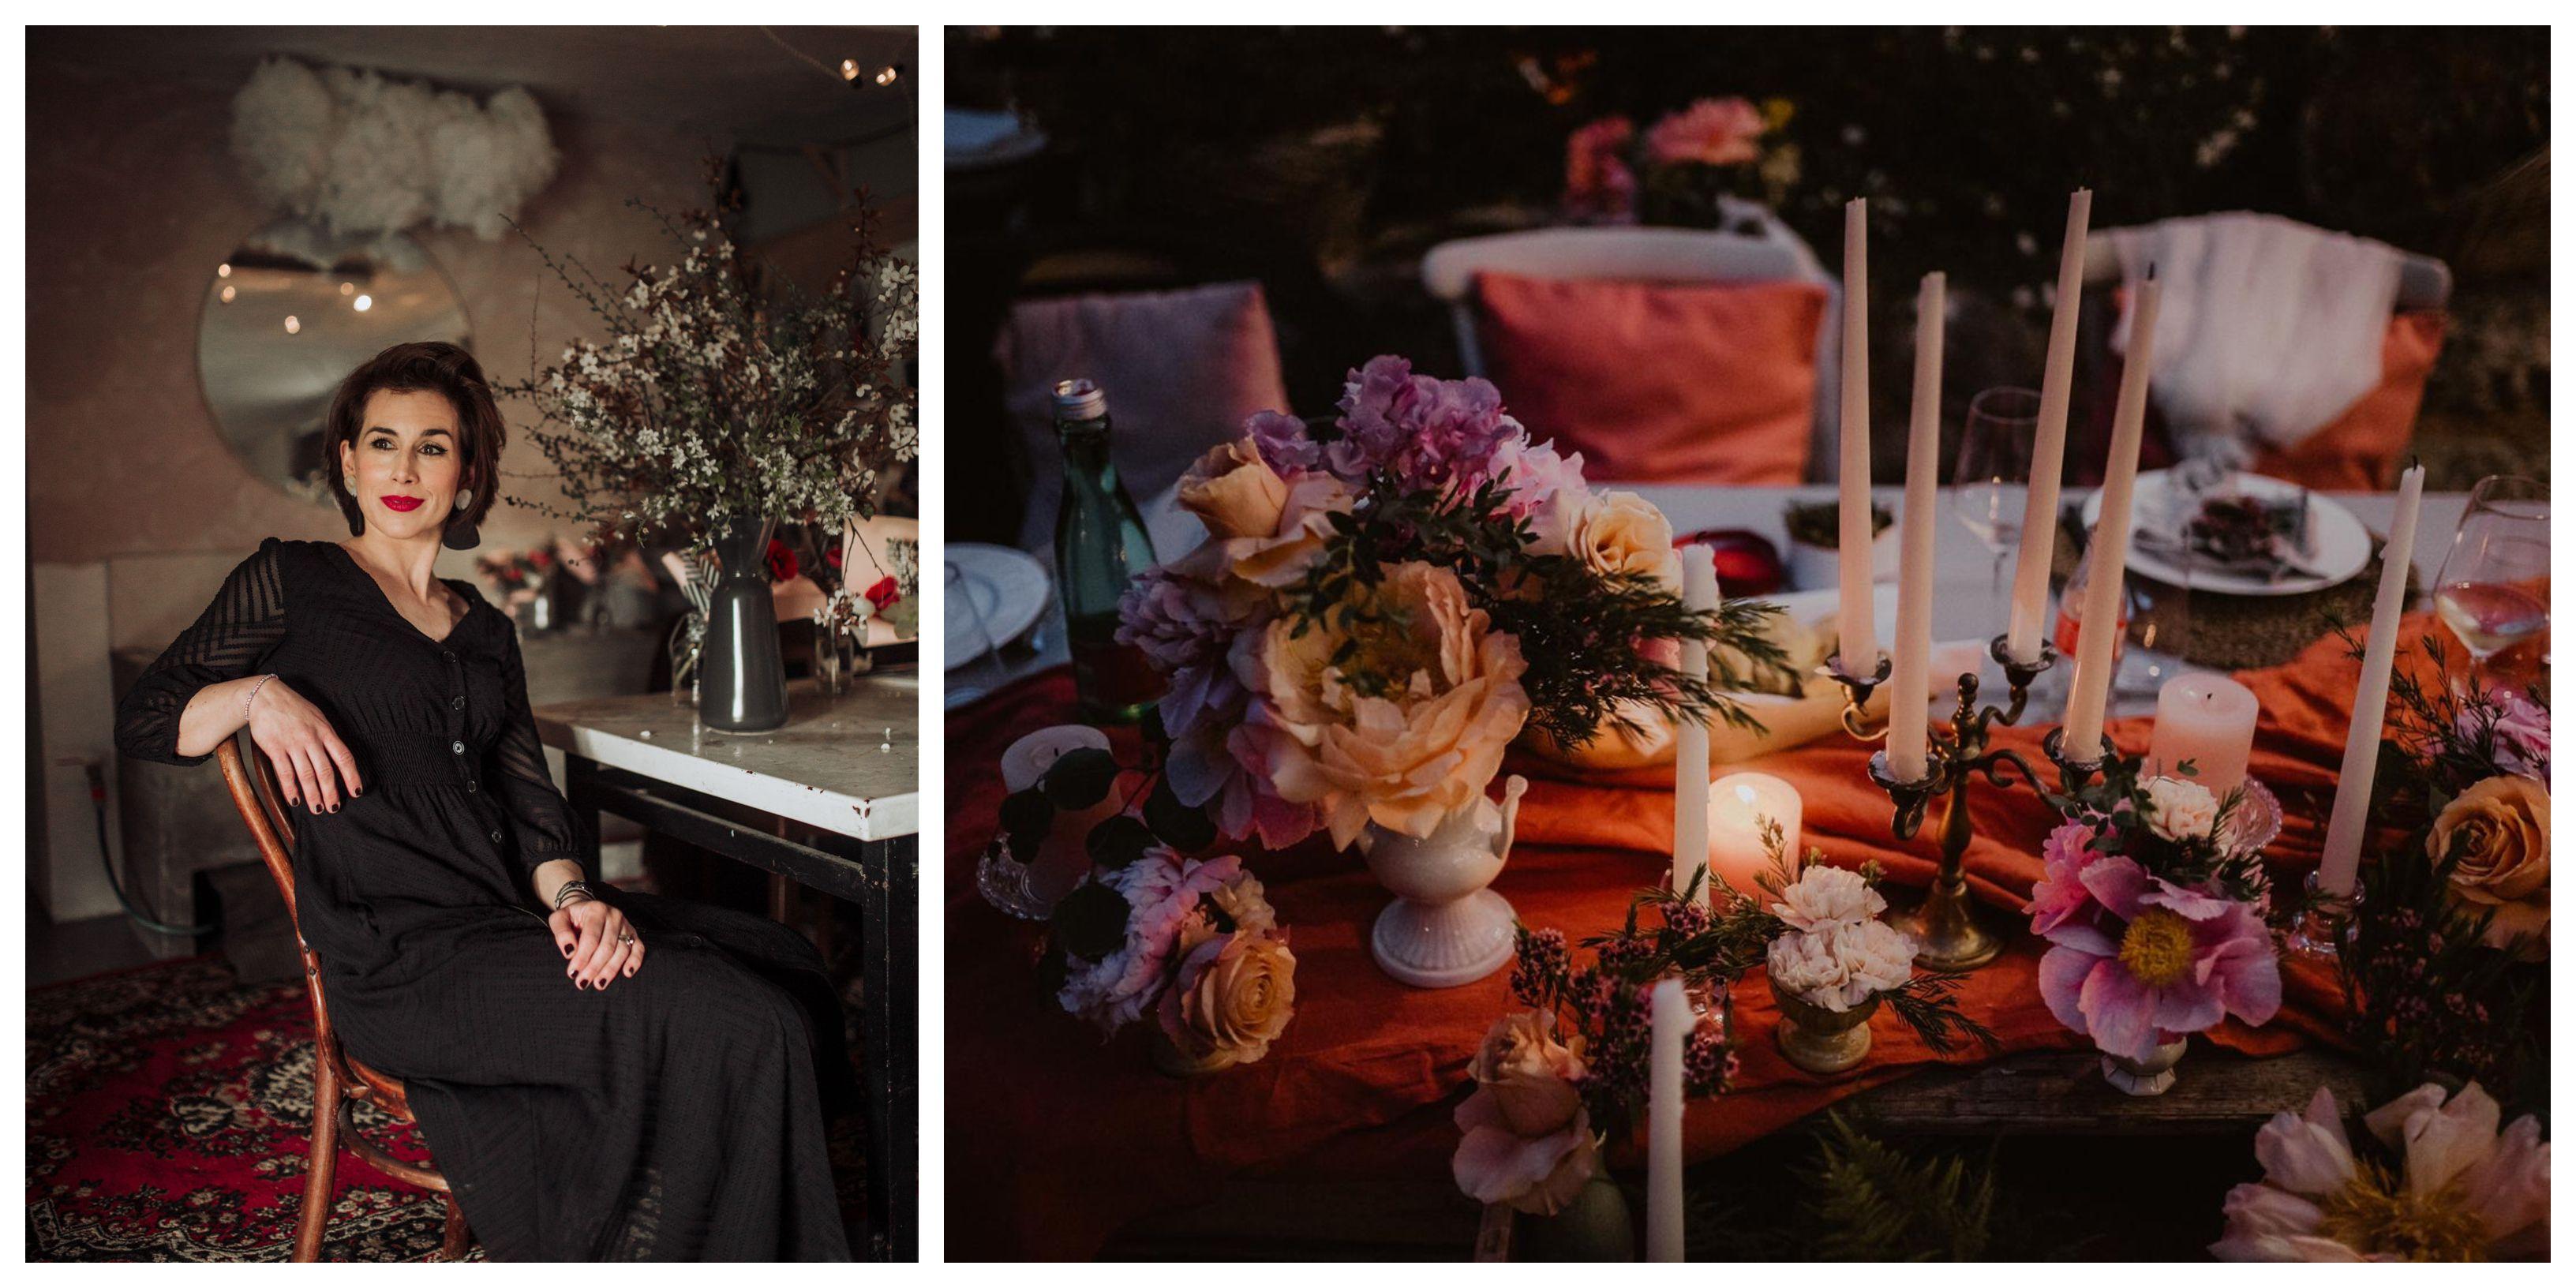 Nina je majstorica za cvjetne čarolije, a teško je reći koja je dekoracija s vjenčanja ljepša!